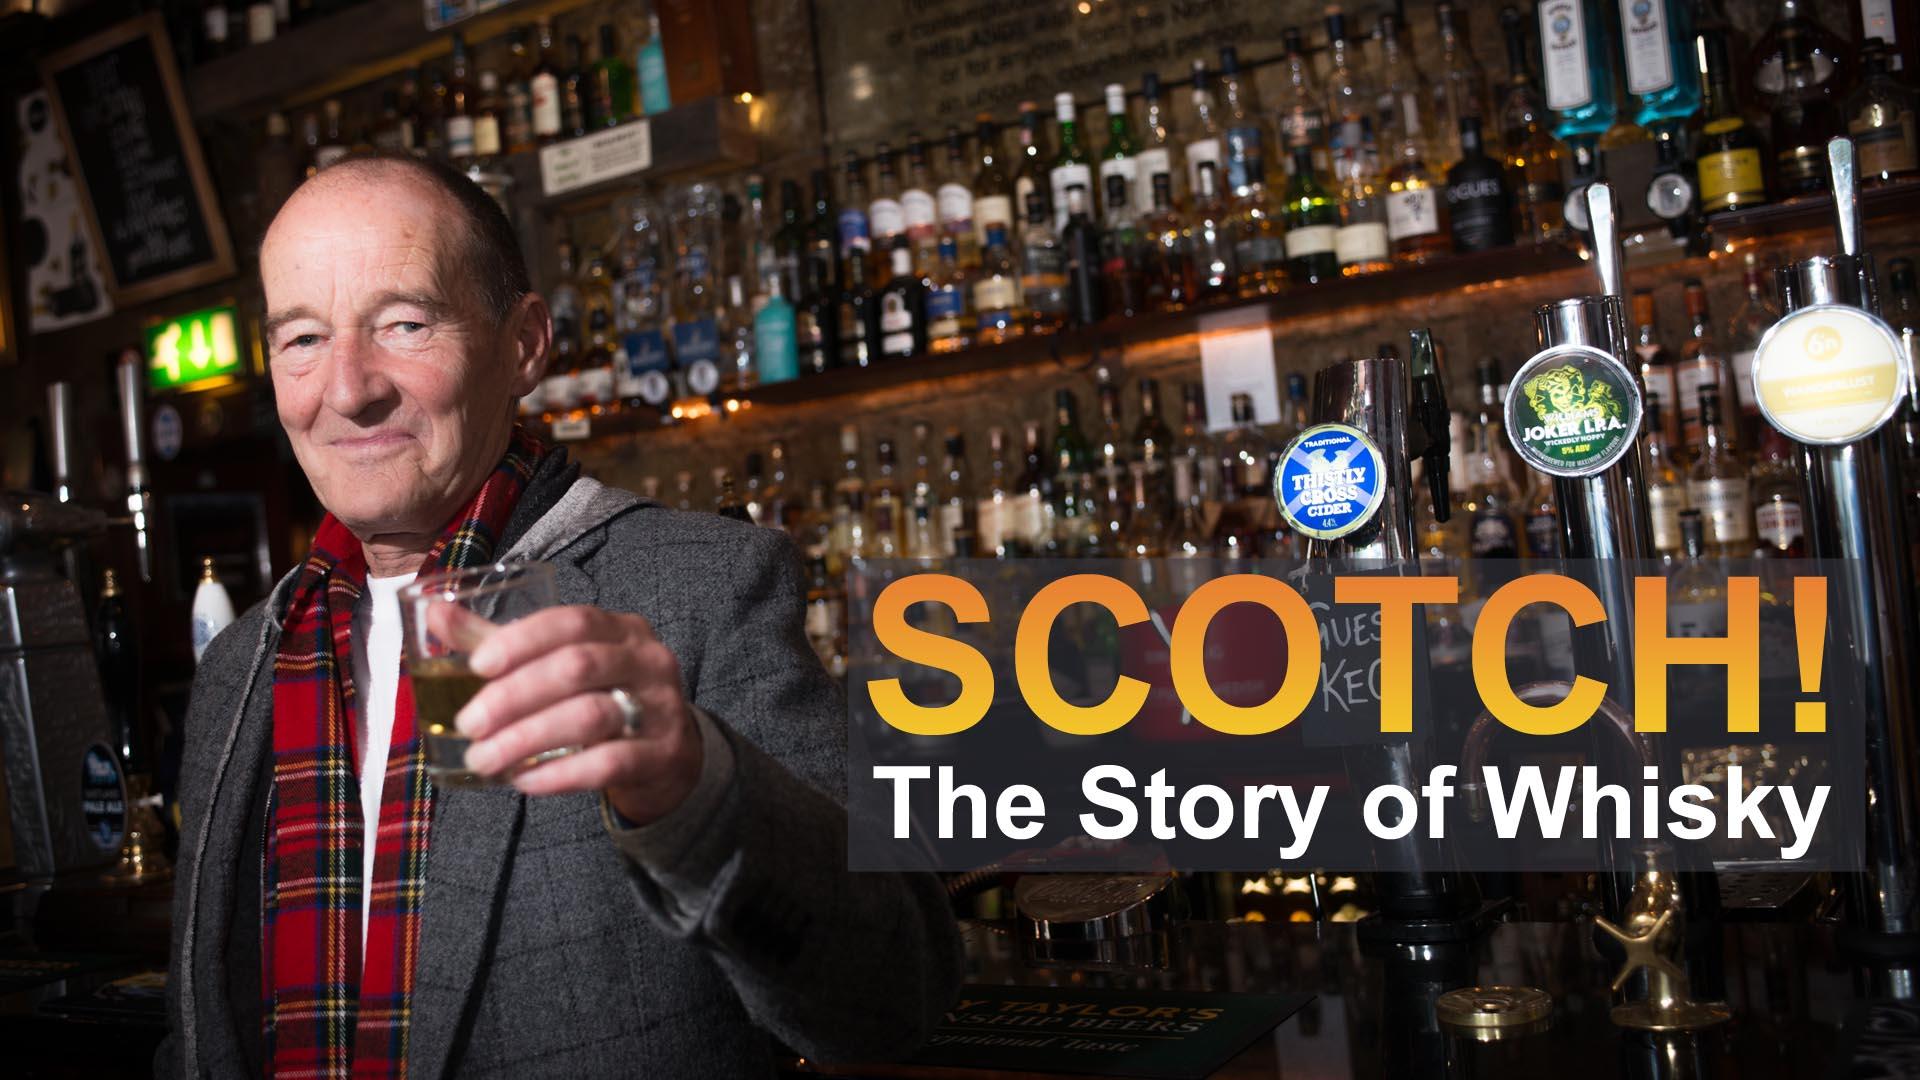 Scotch! The Story of Whisky